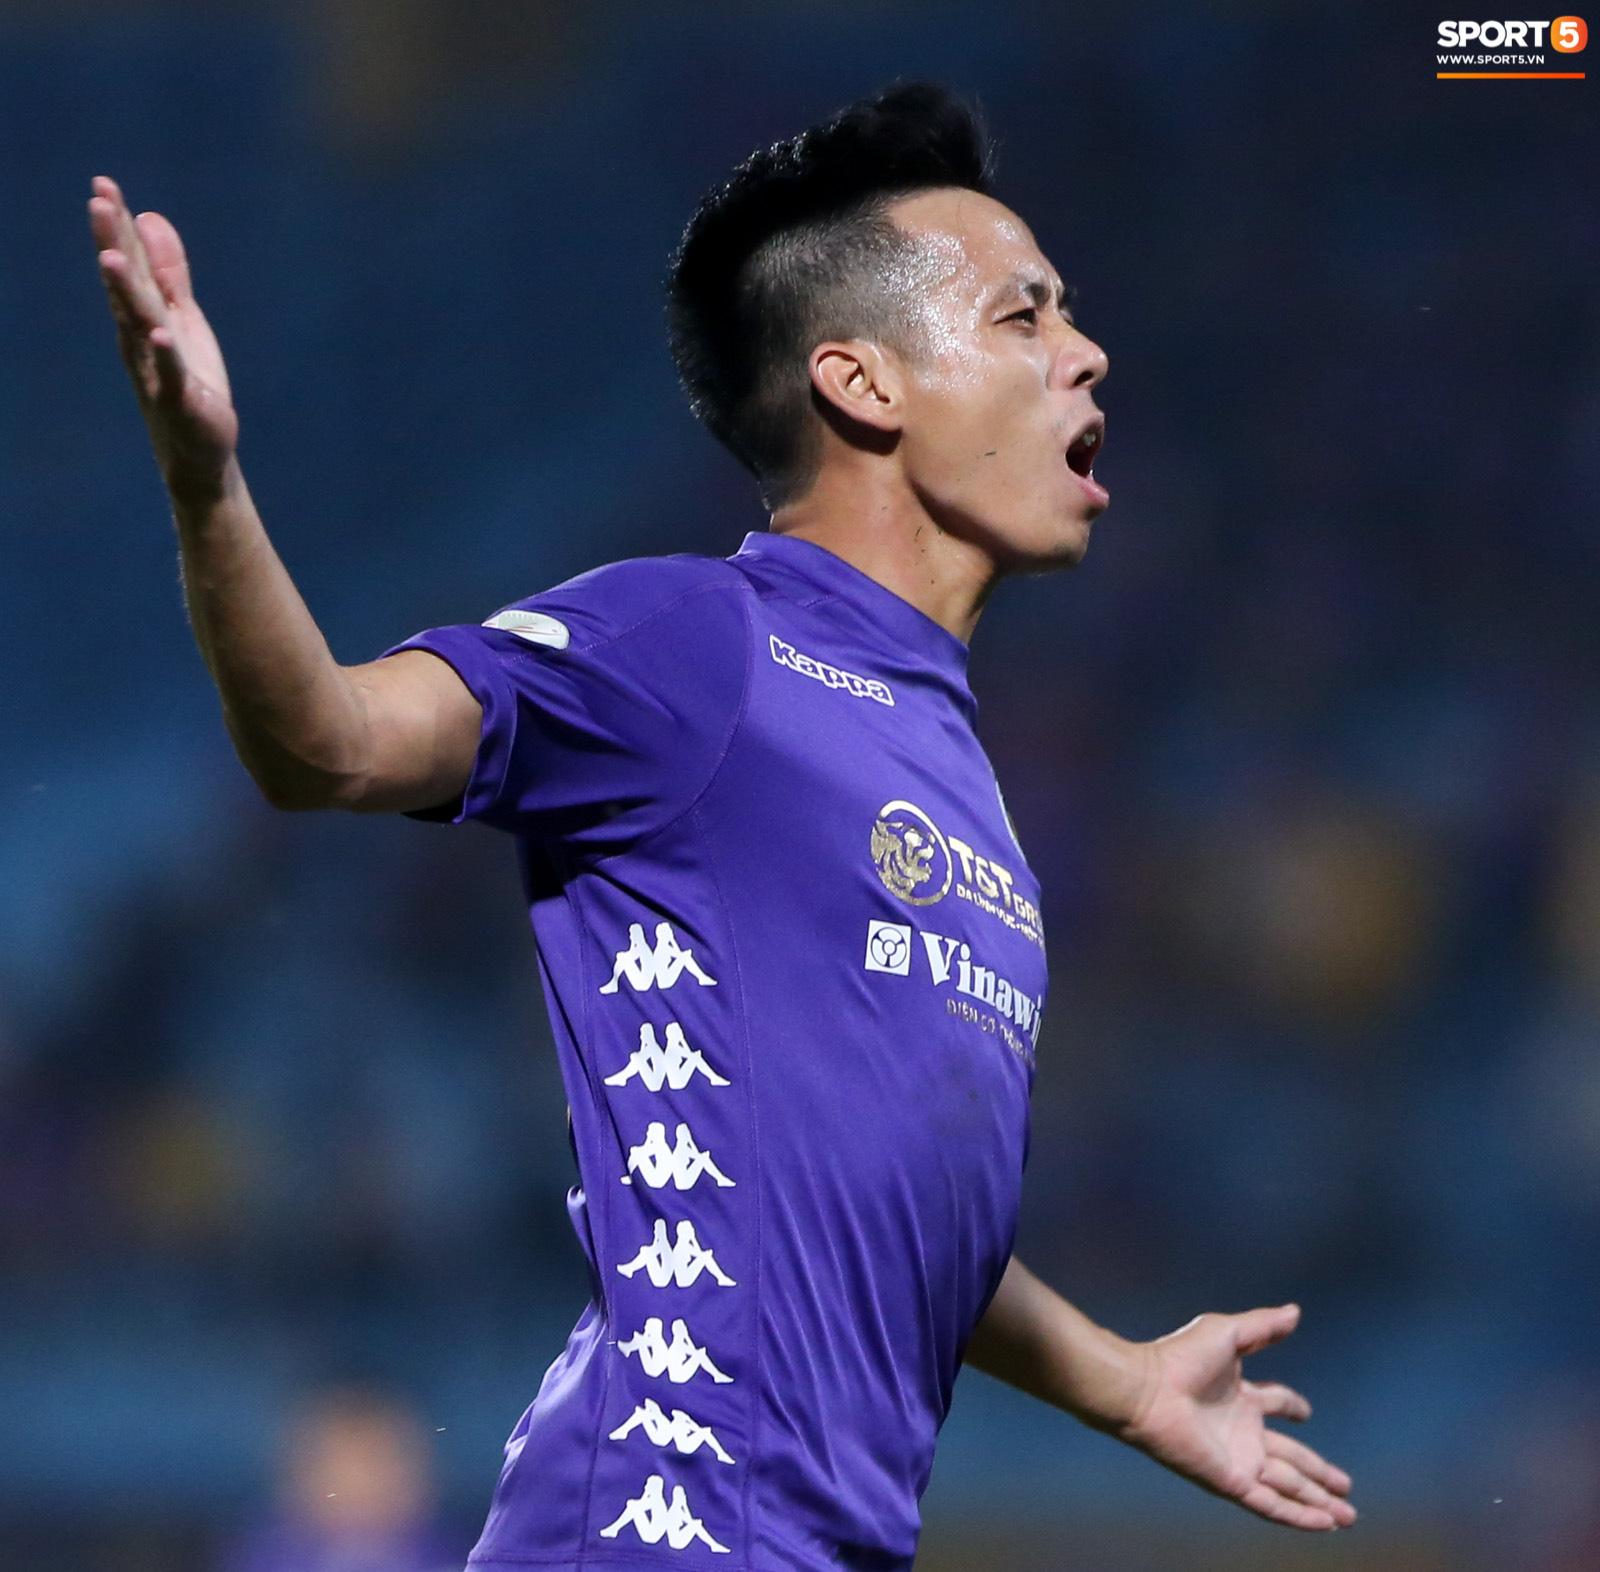 Quang Hải đòi trọng tài rút thẻ phạt cho bạn cũ ở U23 Việt Nam sau pha phạm lỗi nguy hiểm - Ảnh 8.